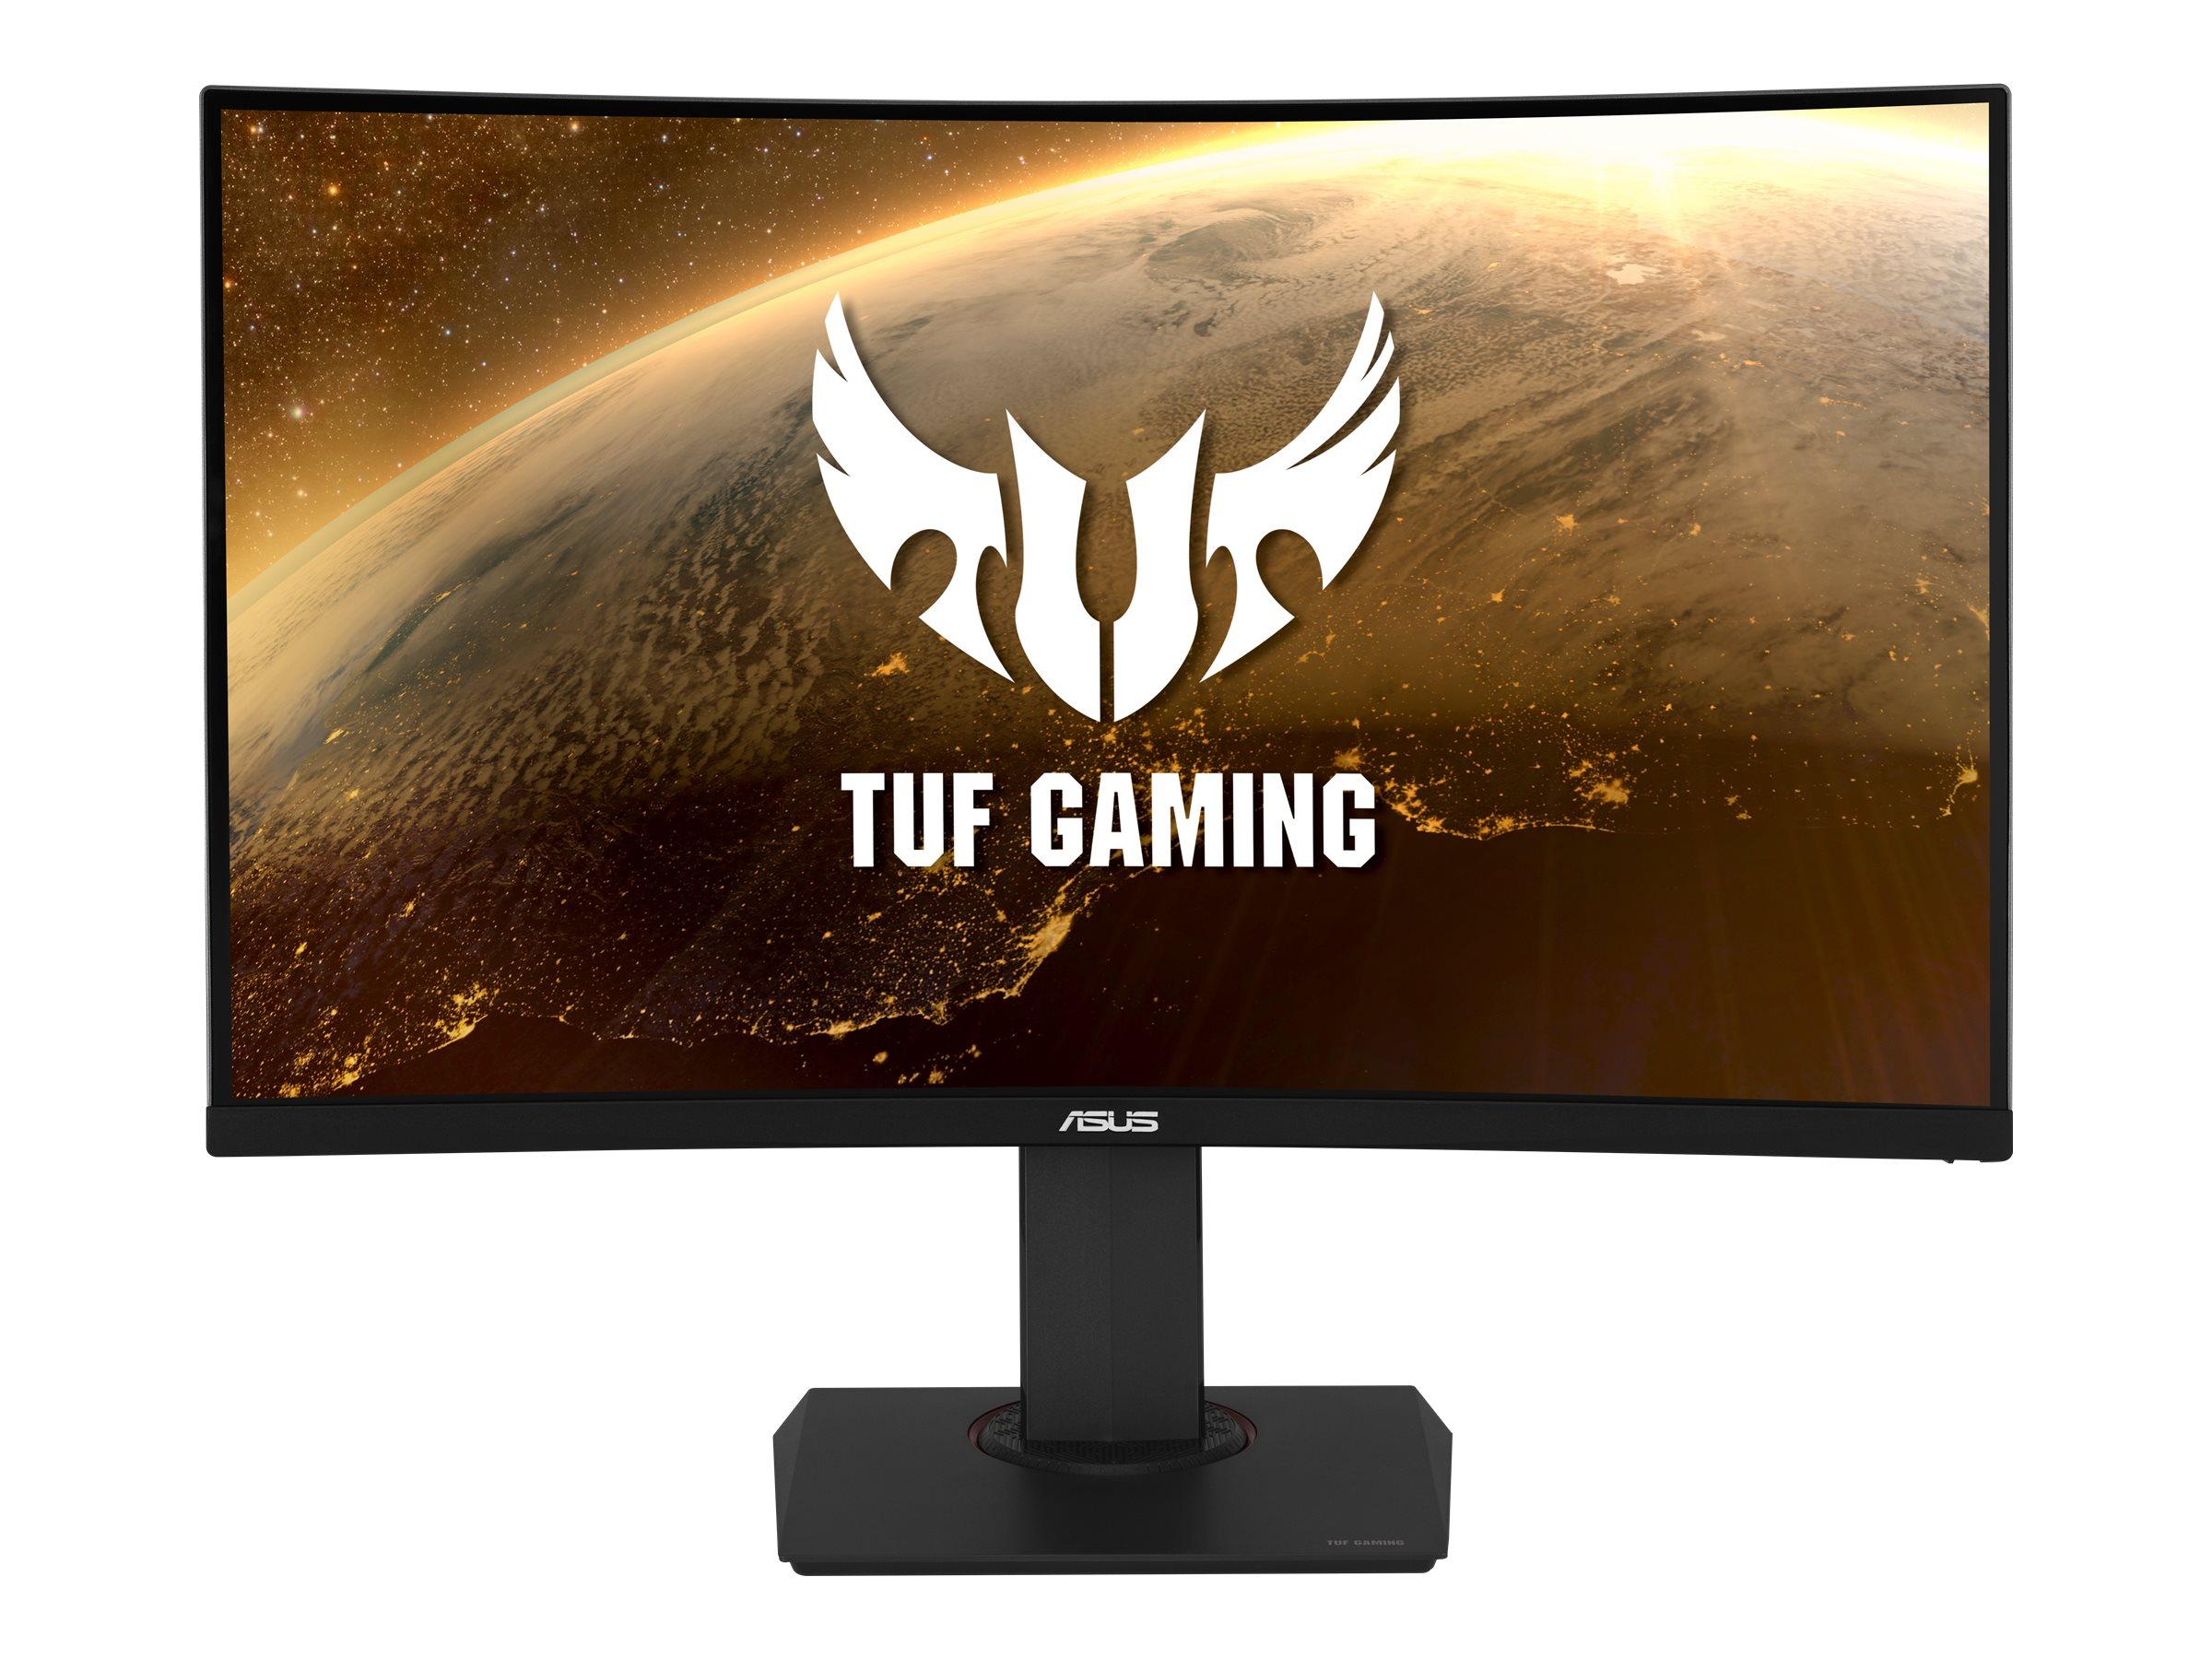 ASUS TUF Gaming VG32VQ - LED-Monitor - gebogen - 80.1 cm (31.5